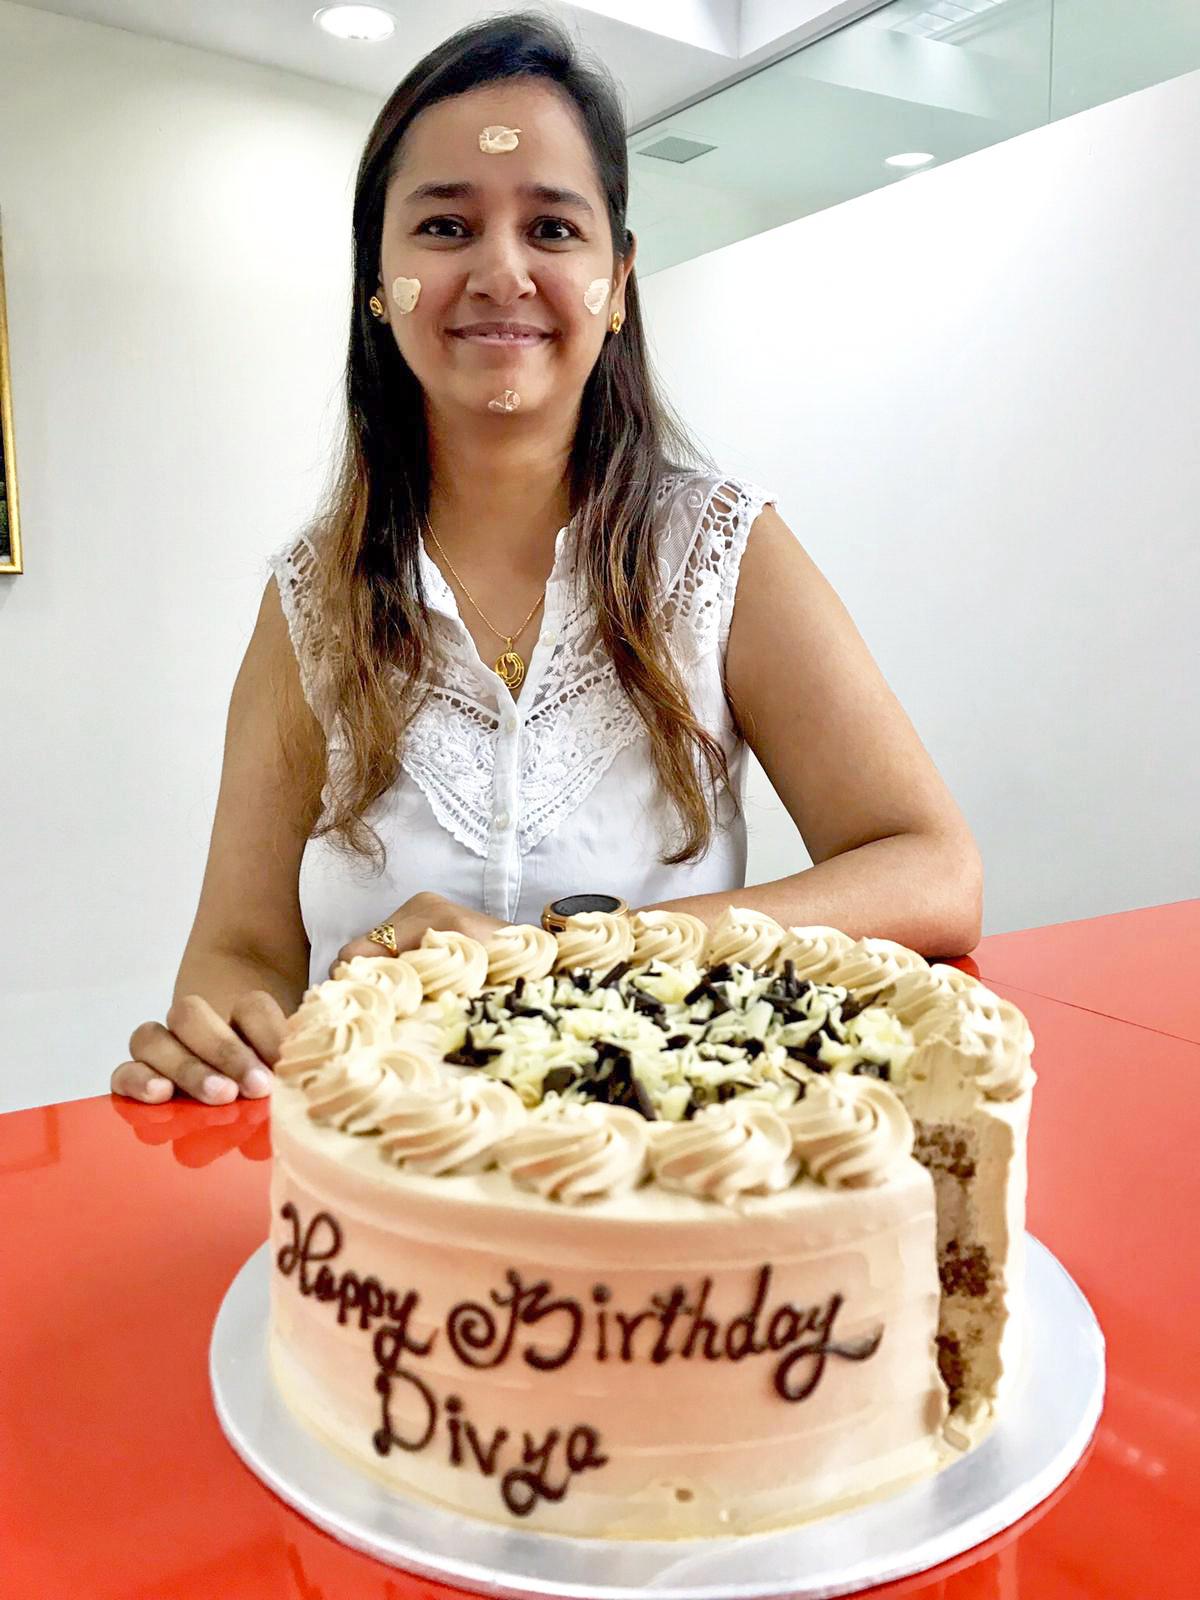 Divya's birthday